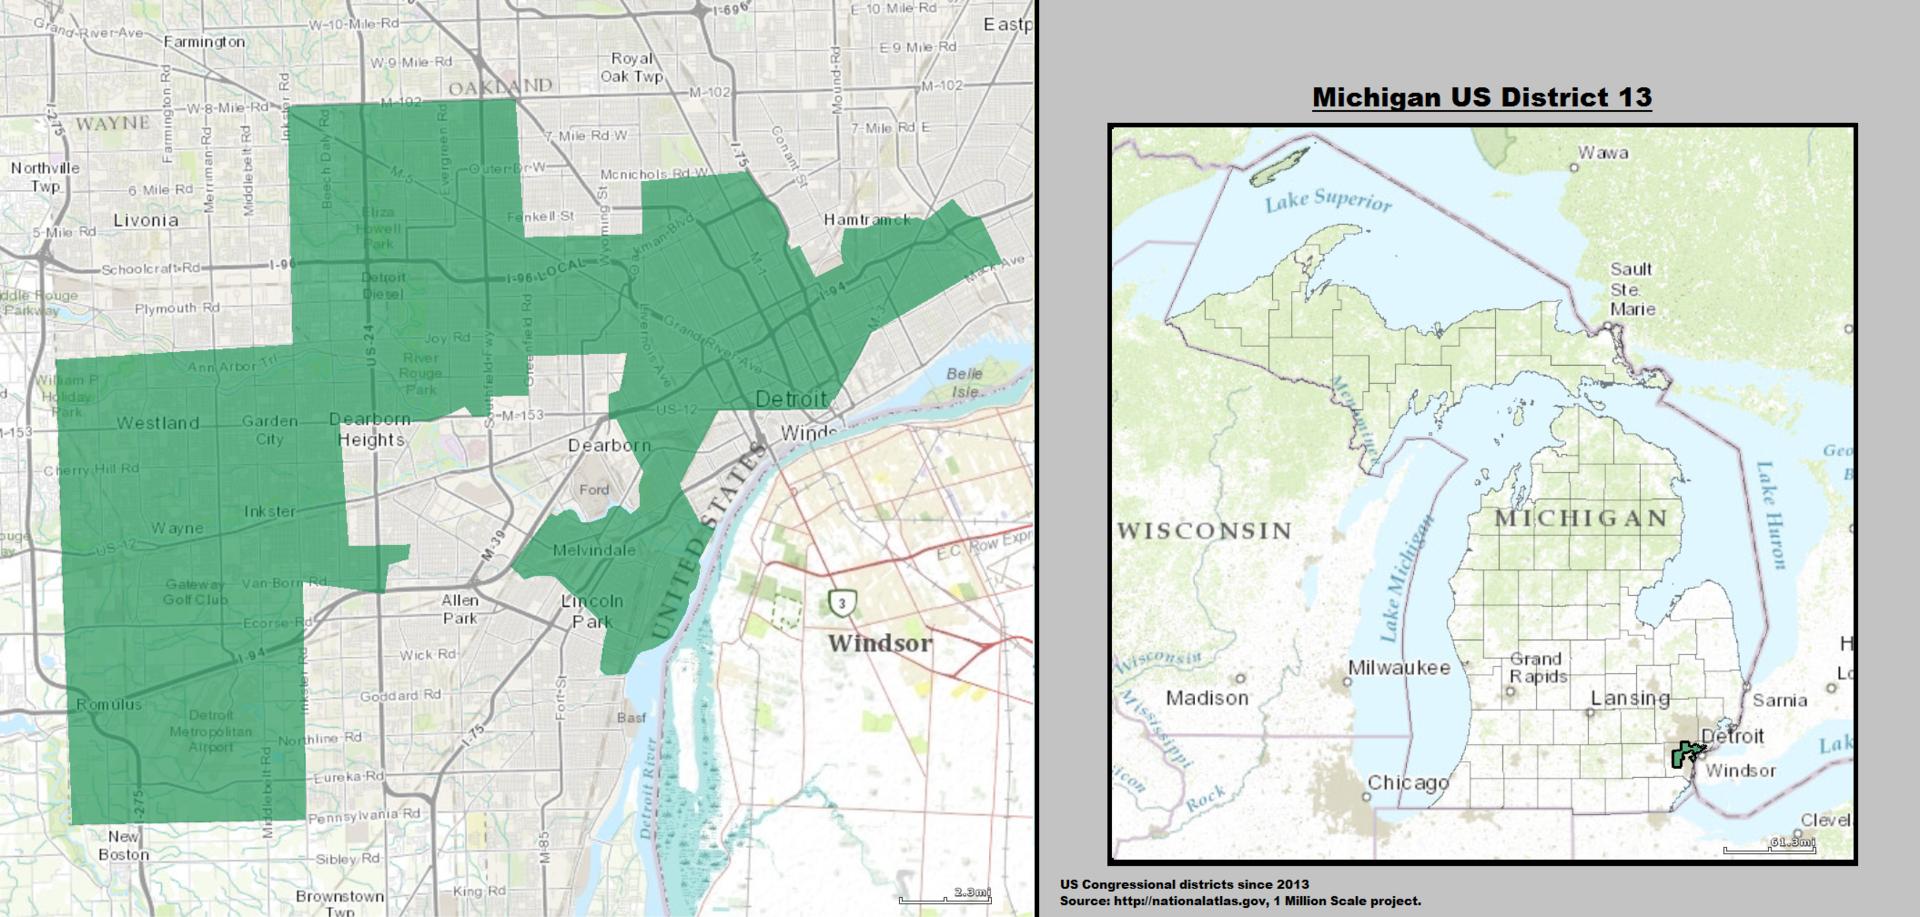 Michigan S 13th Congressional District Wikipedia